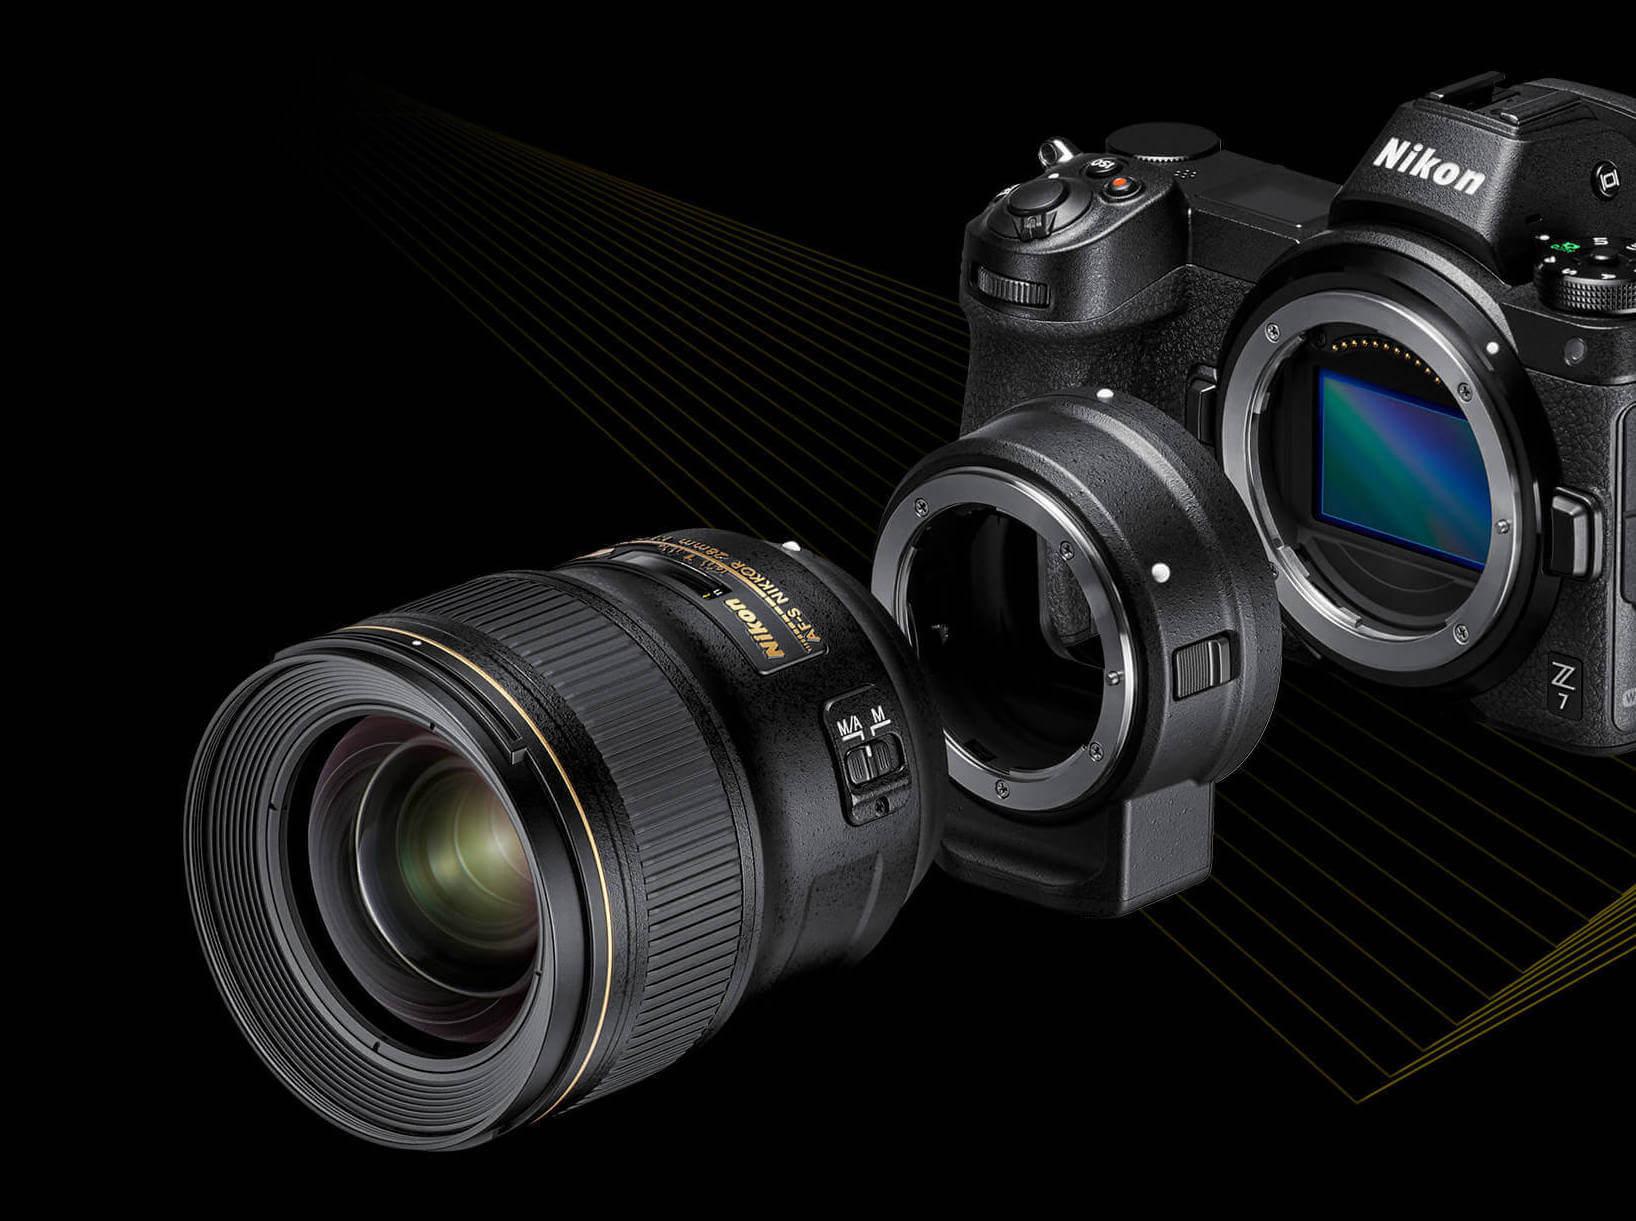 adaptor row xl1 - Nikon anuncia câmeras mirrorless full-frame com novo sistema Z-mount